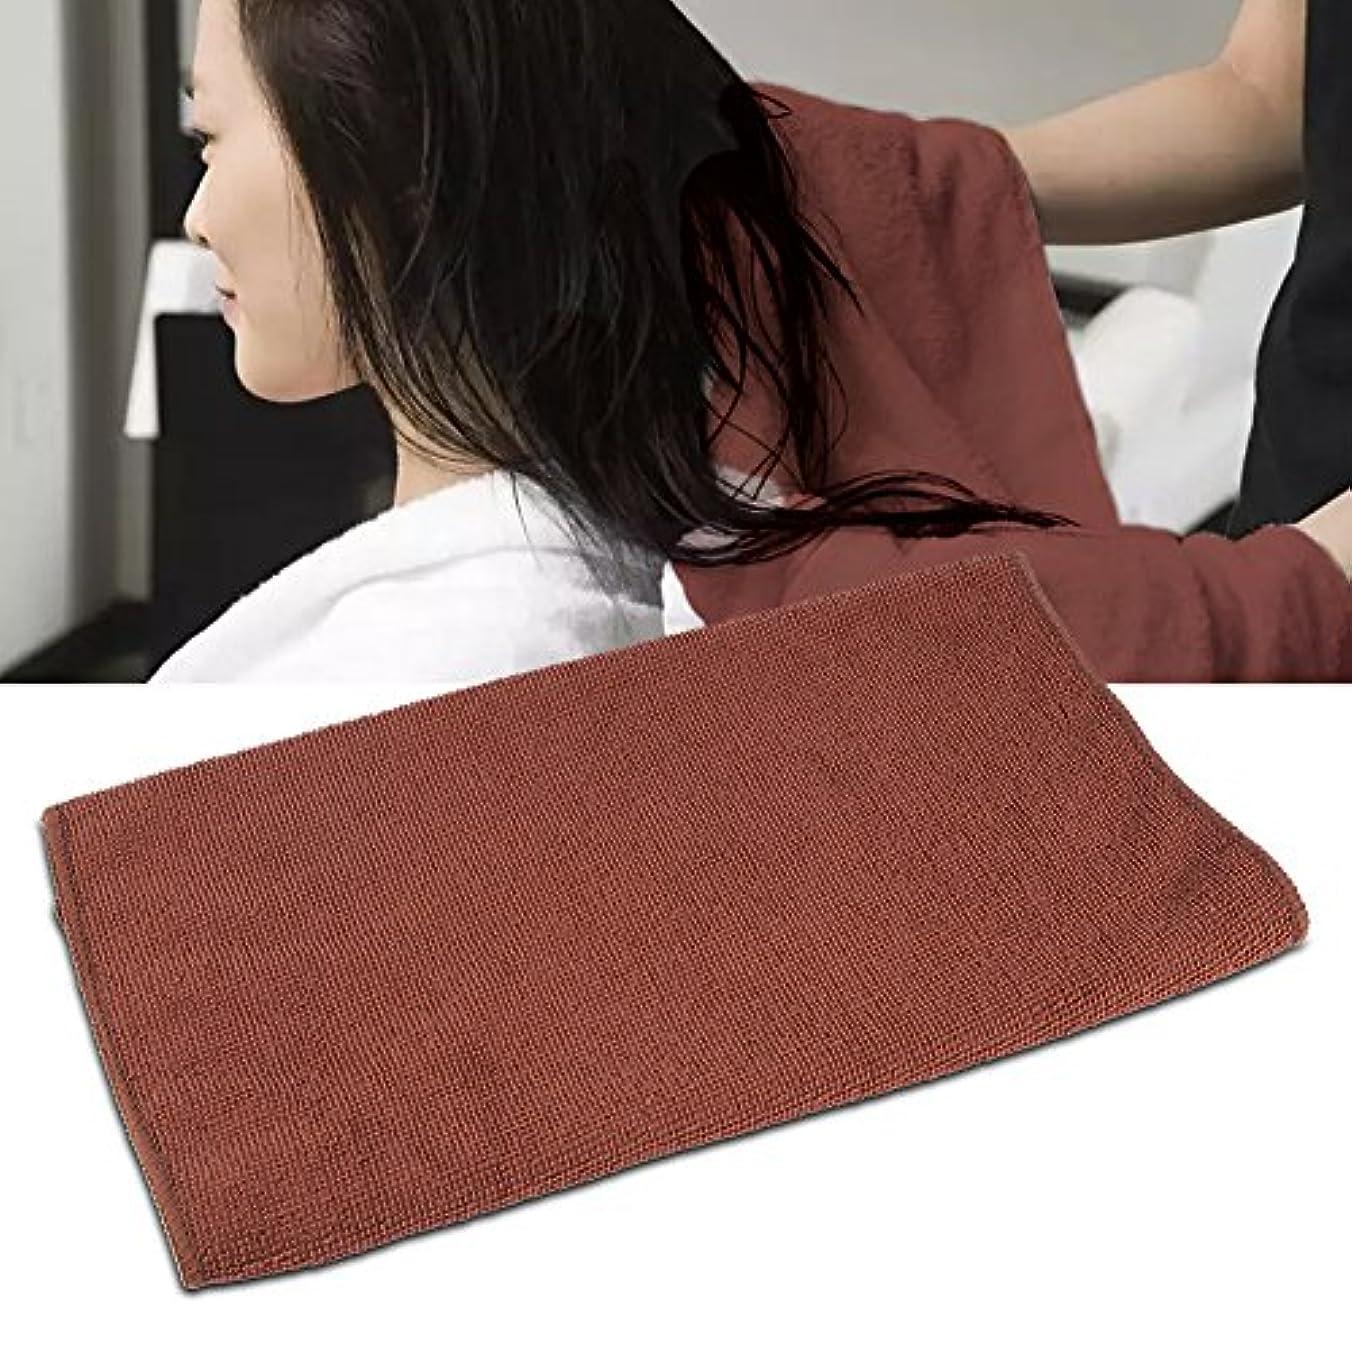 元気な決定なる吸水 速乾 髪 タオル 軽量 防滑 ドライタオルヘアードライ厚手ソフトタオル美容クイックドライ お風呂上がり バス用品